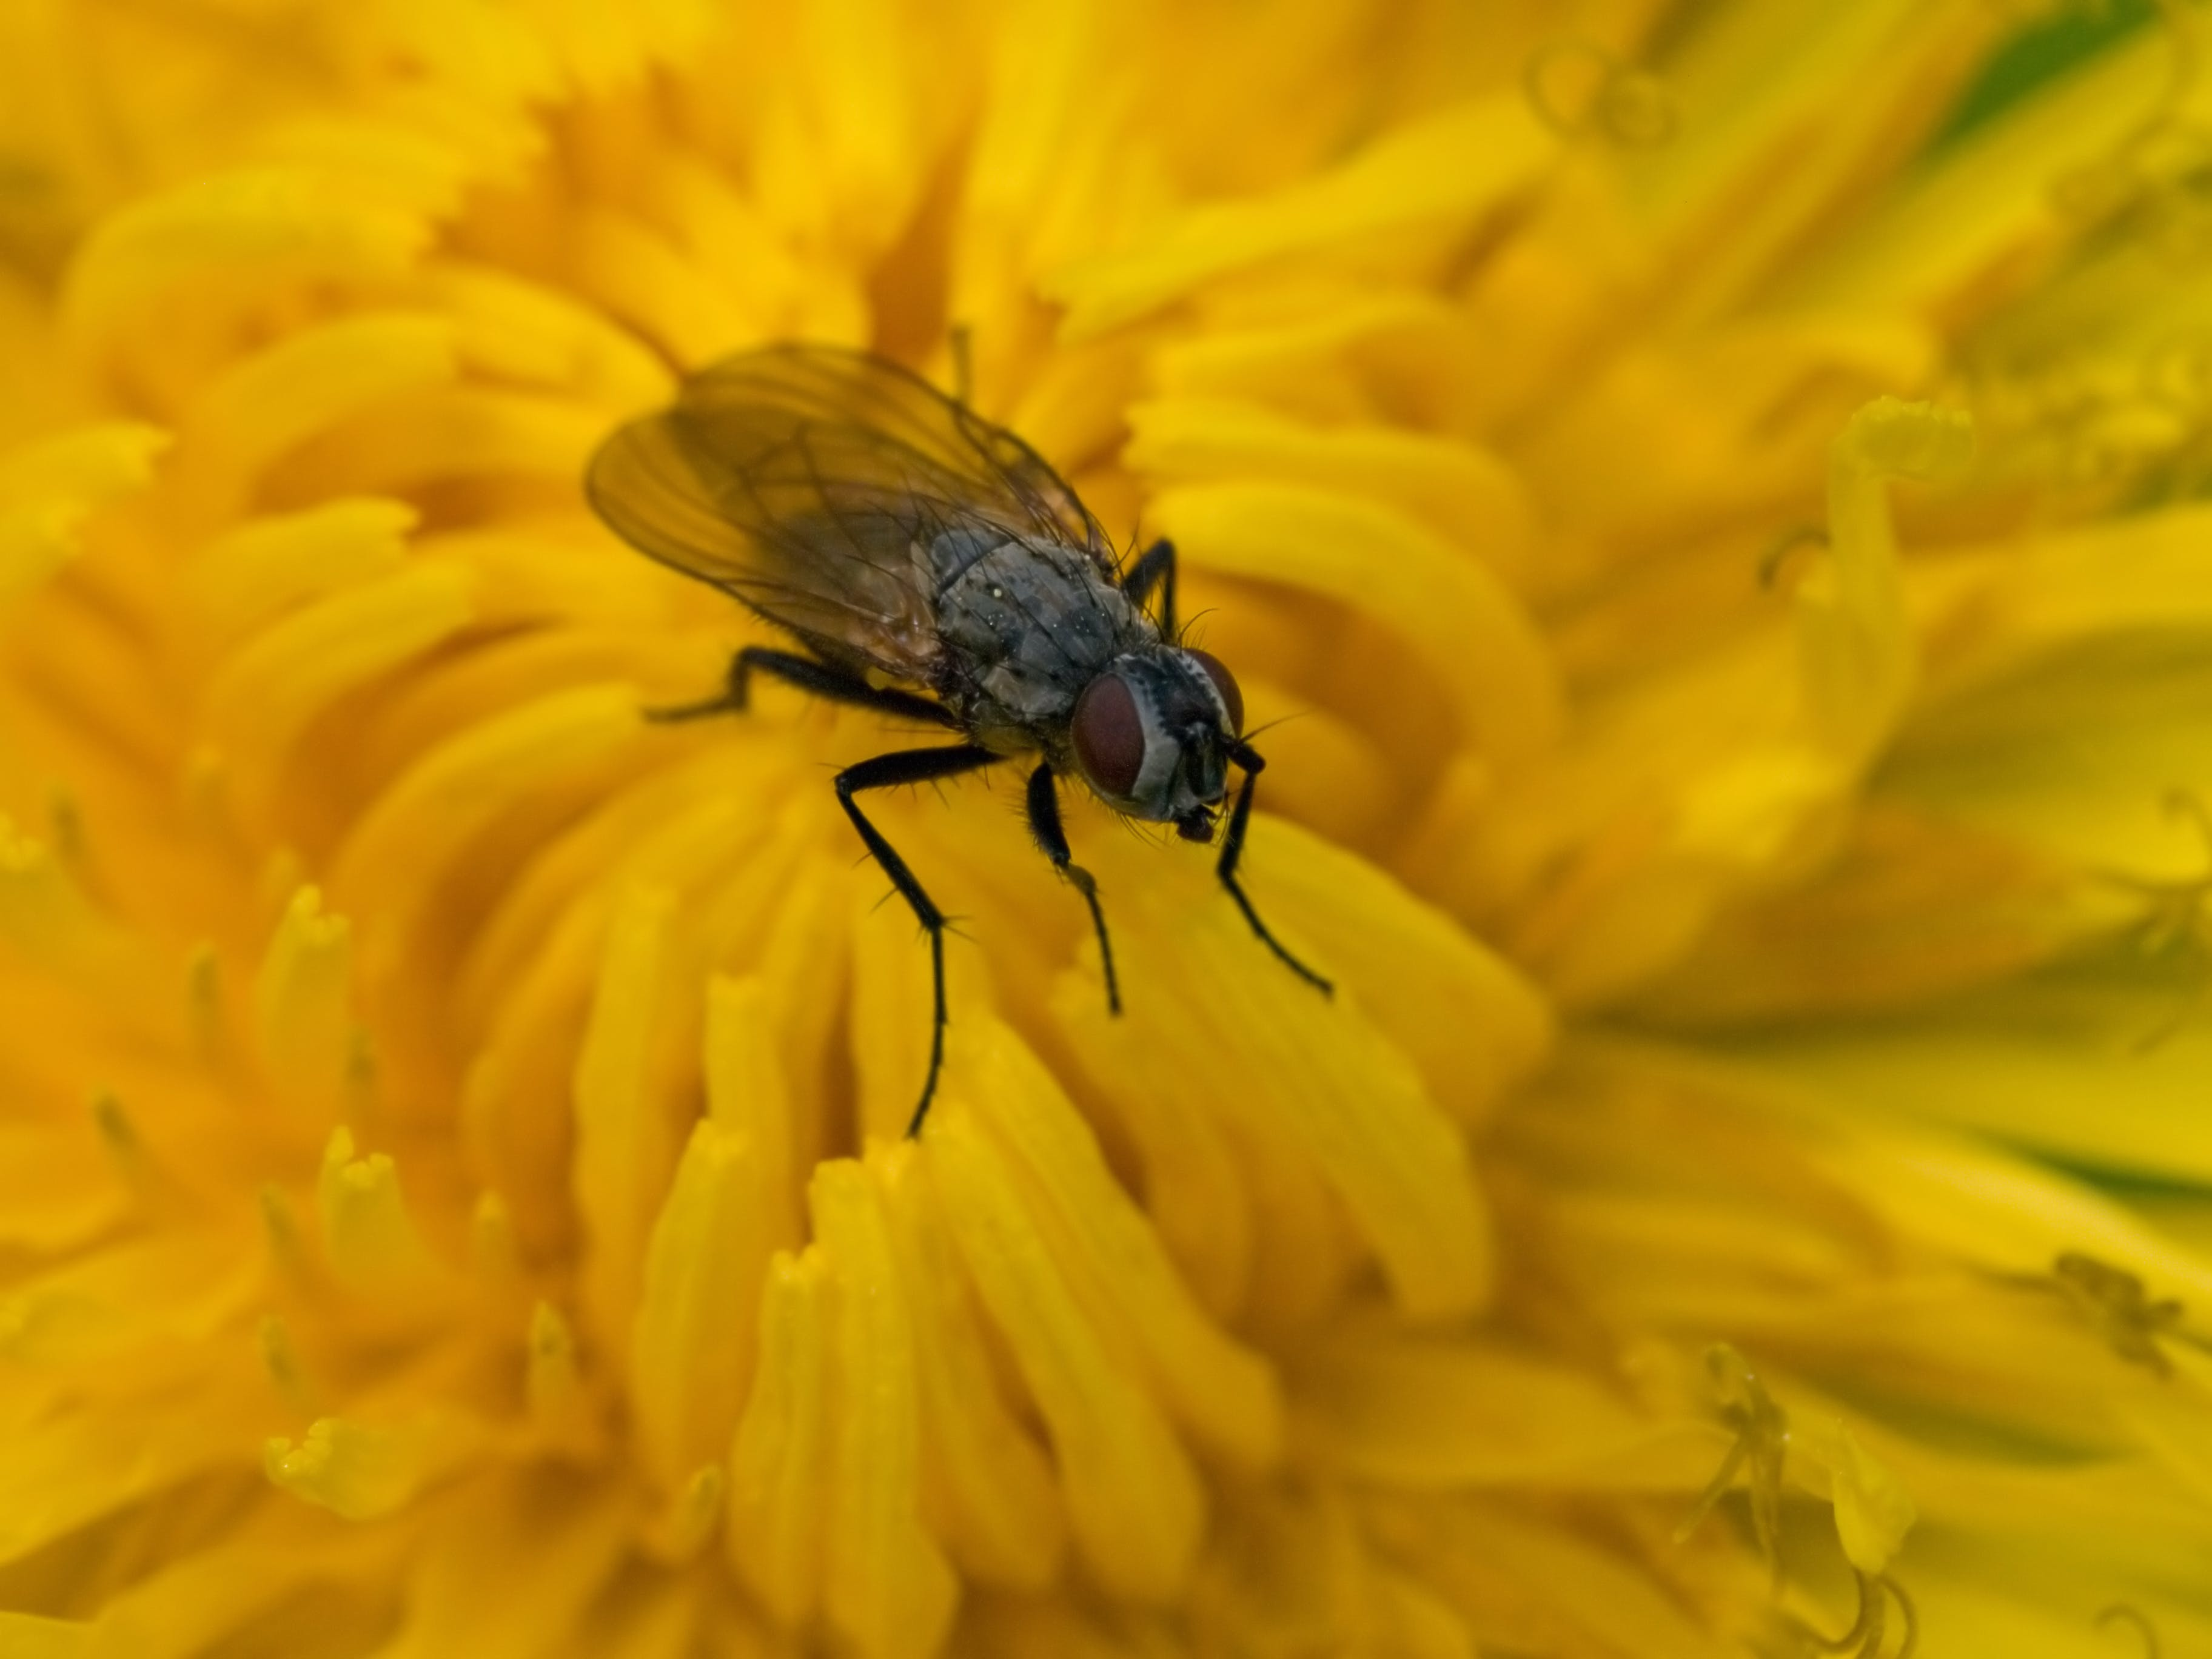 天性, 昆蟲, 植物群, 特寫 的 免费素材照片